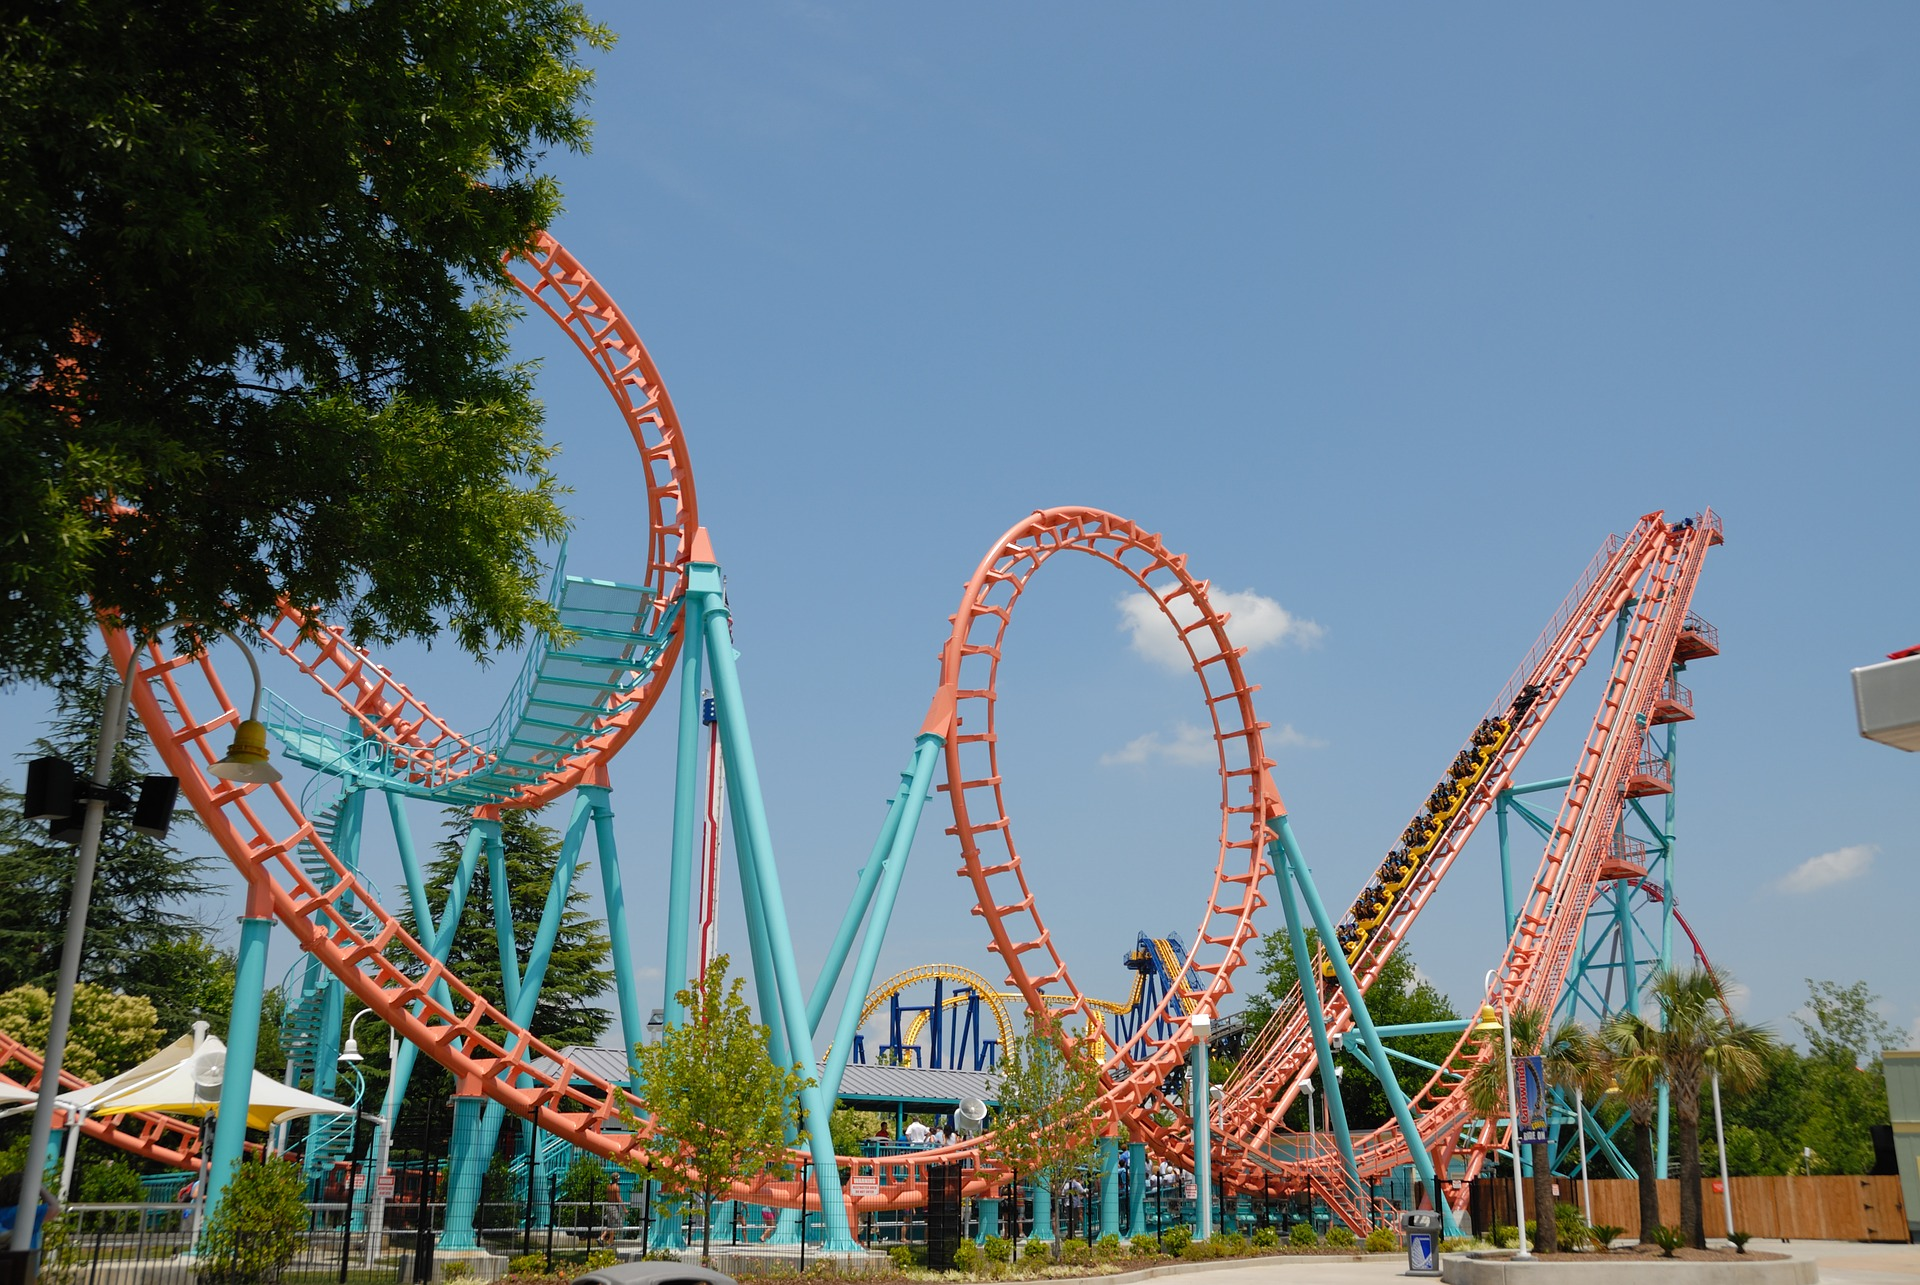 roller-coaster-1639877_1920.jpg